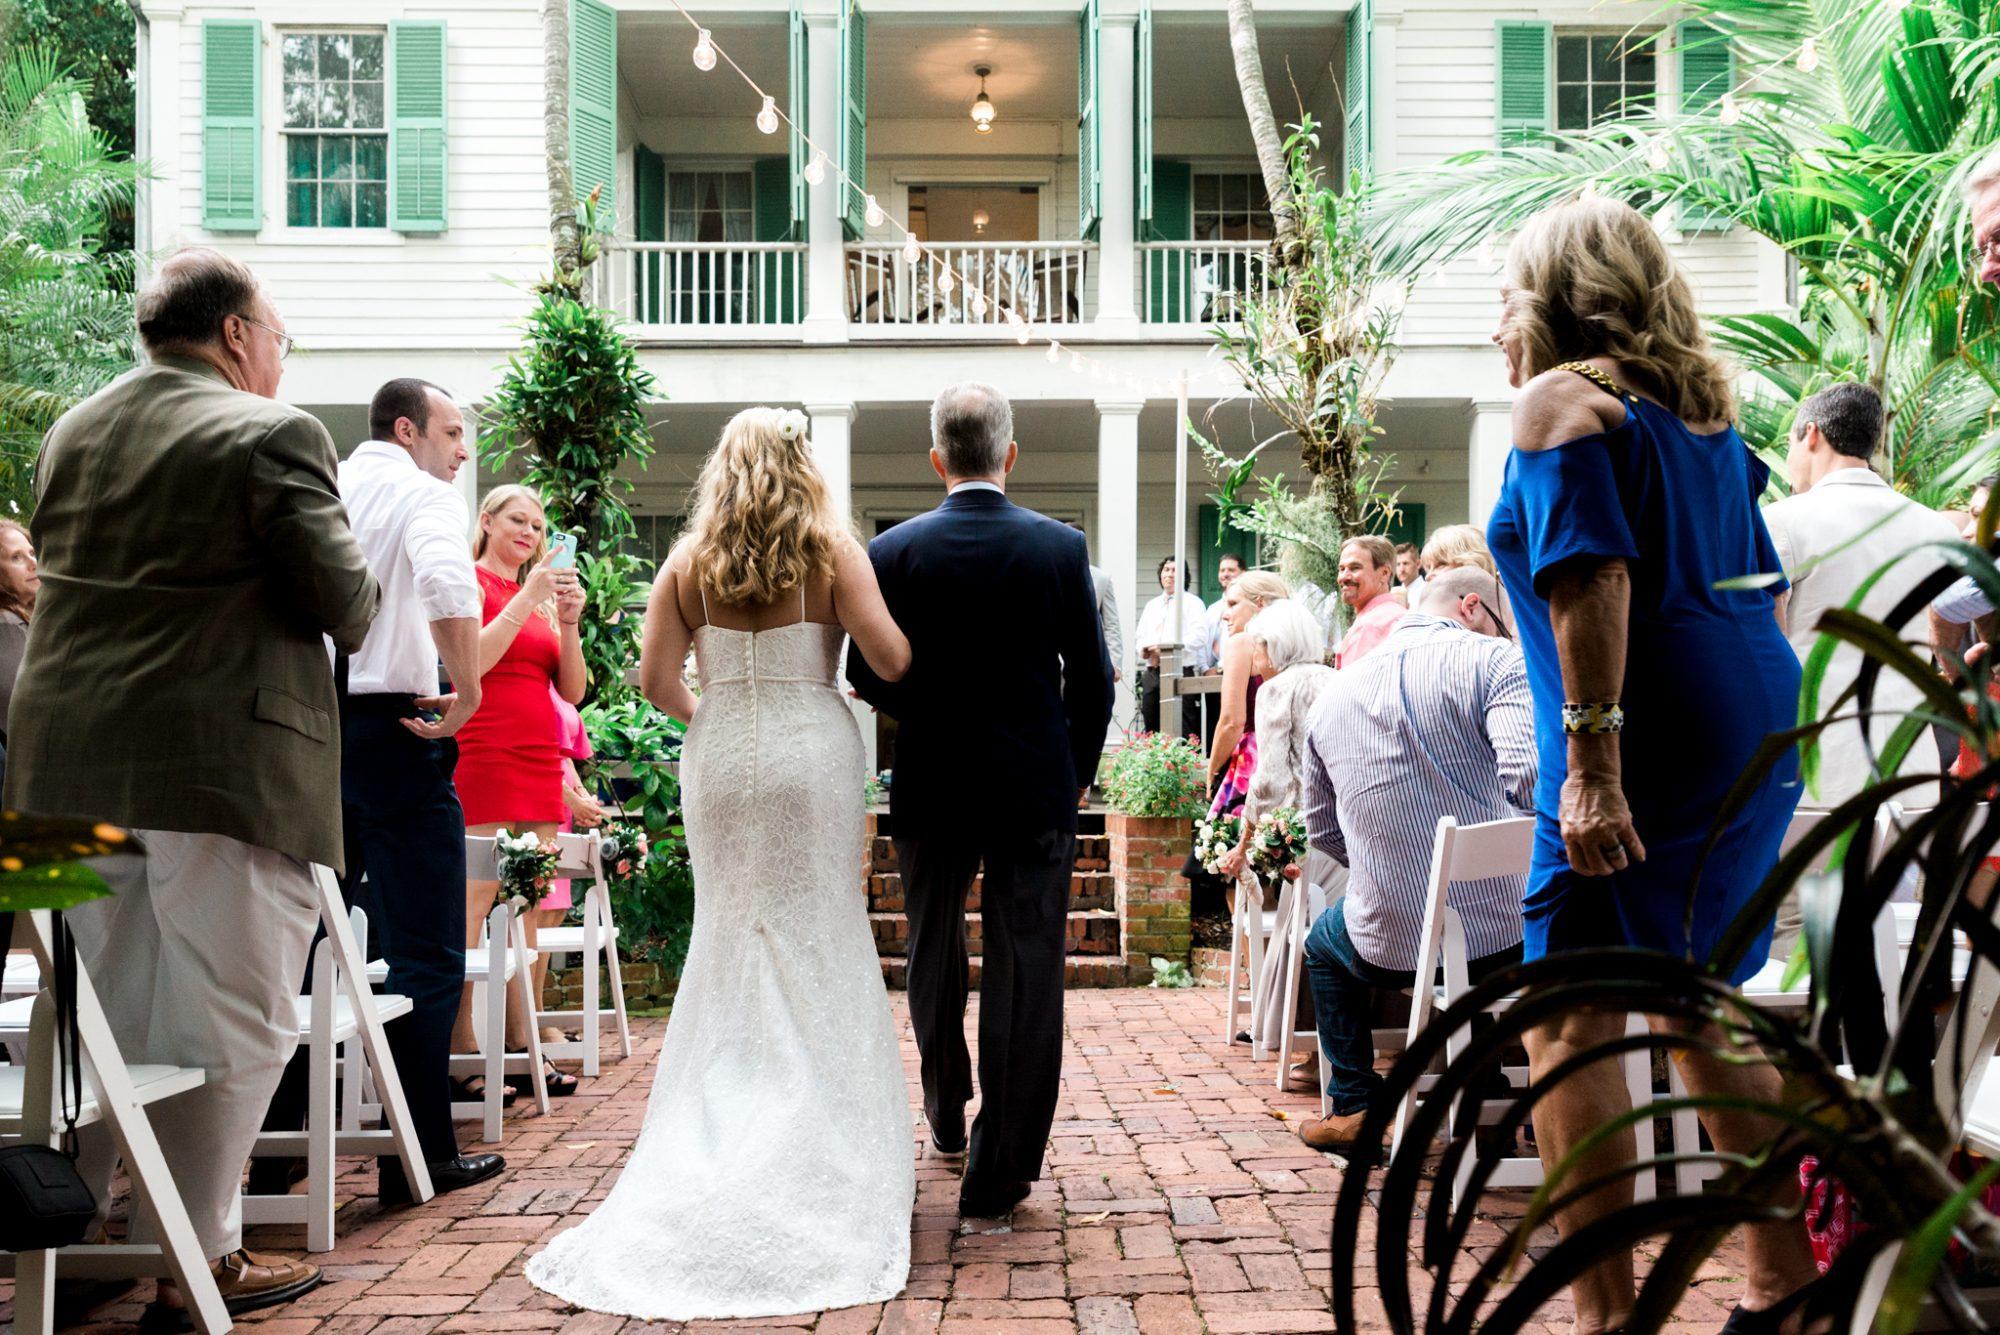 Colleen Jonathan Audubon House Wedding Key West 45 - Colleen & Jonathon | Audubon House and Gardens | Key West Wedding